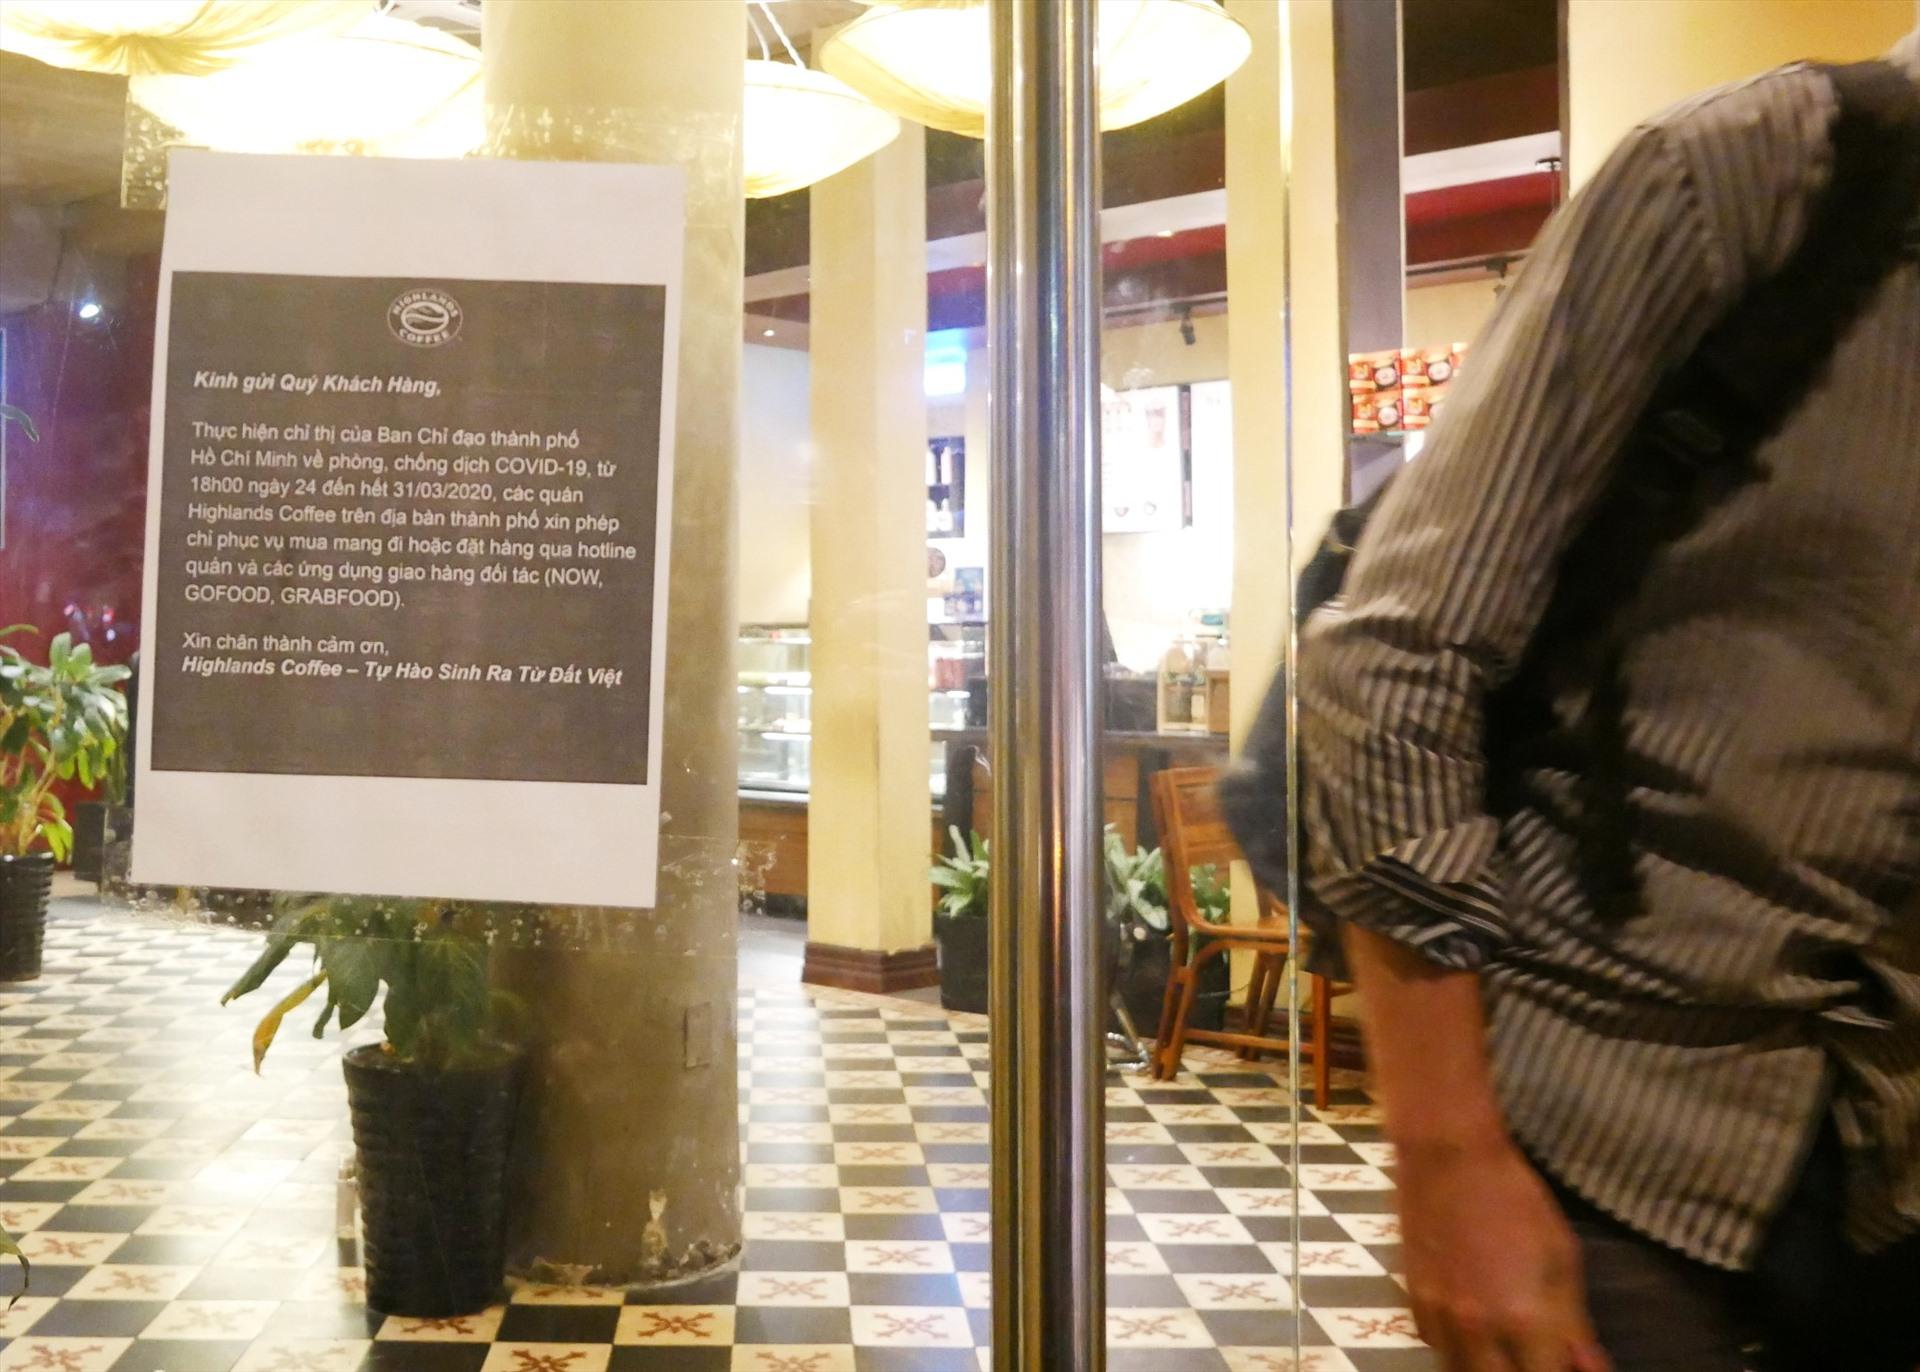 Quán cà phê này sau đó dán thông báo phục vụ khách mang đi và nhận giao hàng online.